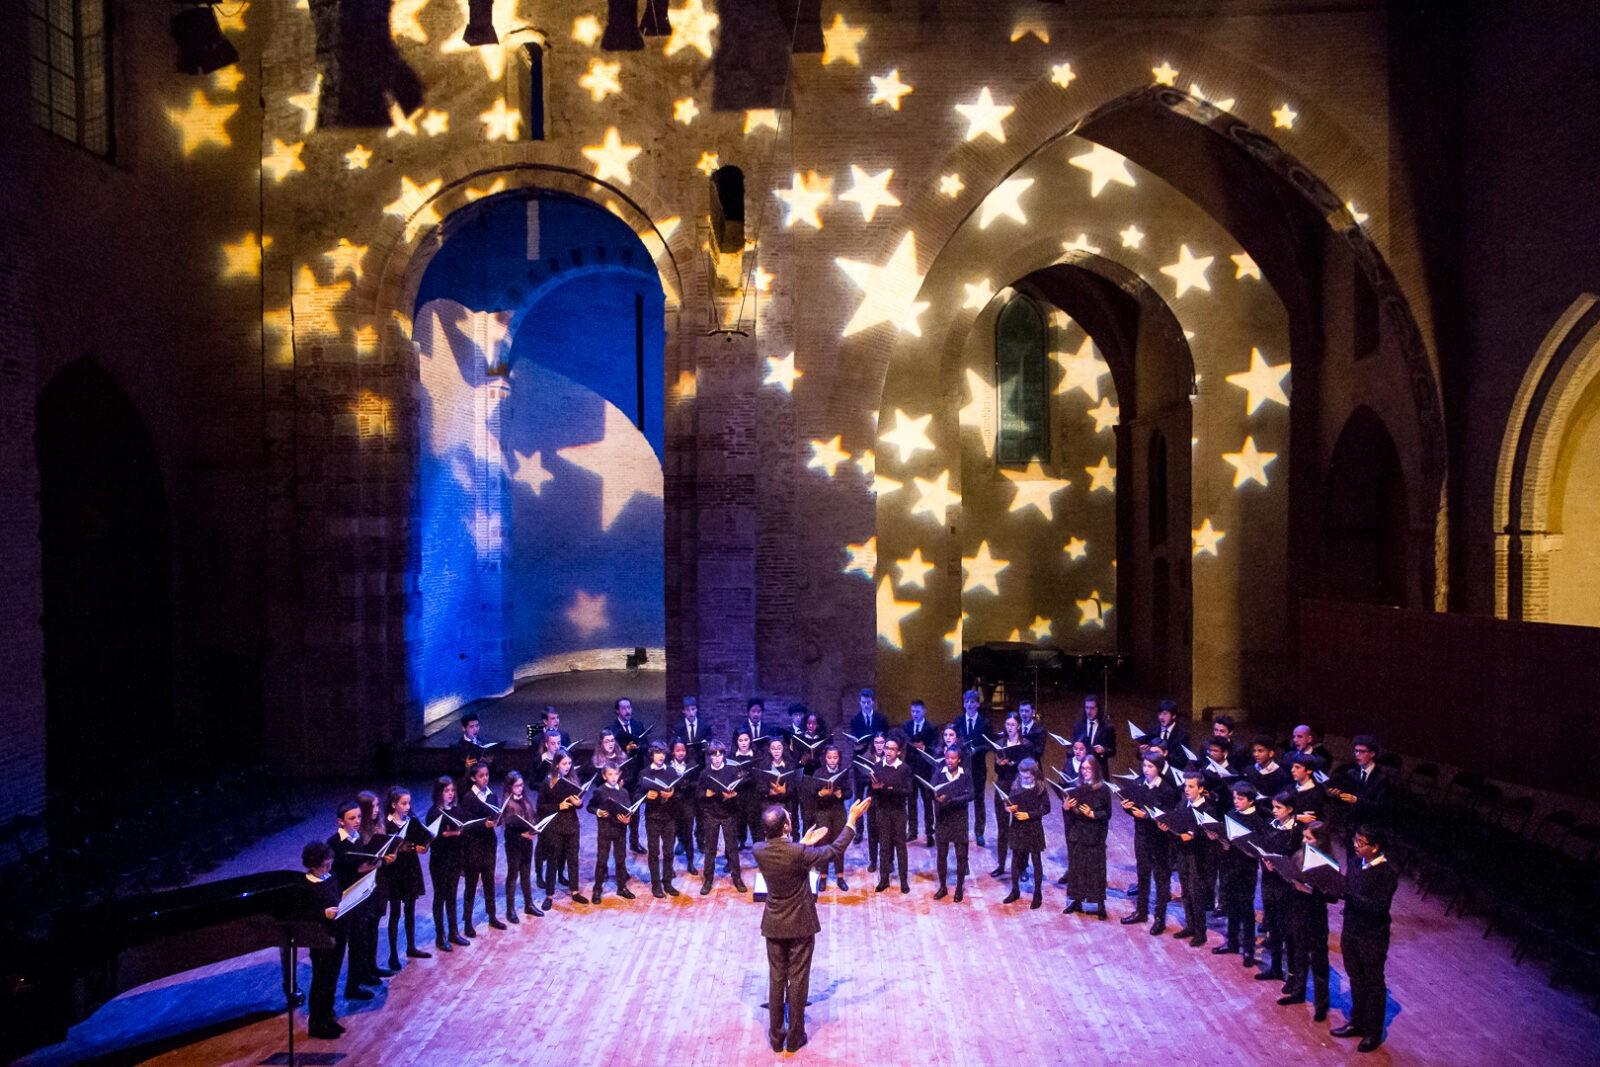 Soleil et étoiles 4 credit N.Lourdaux